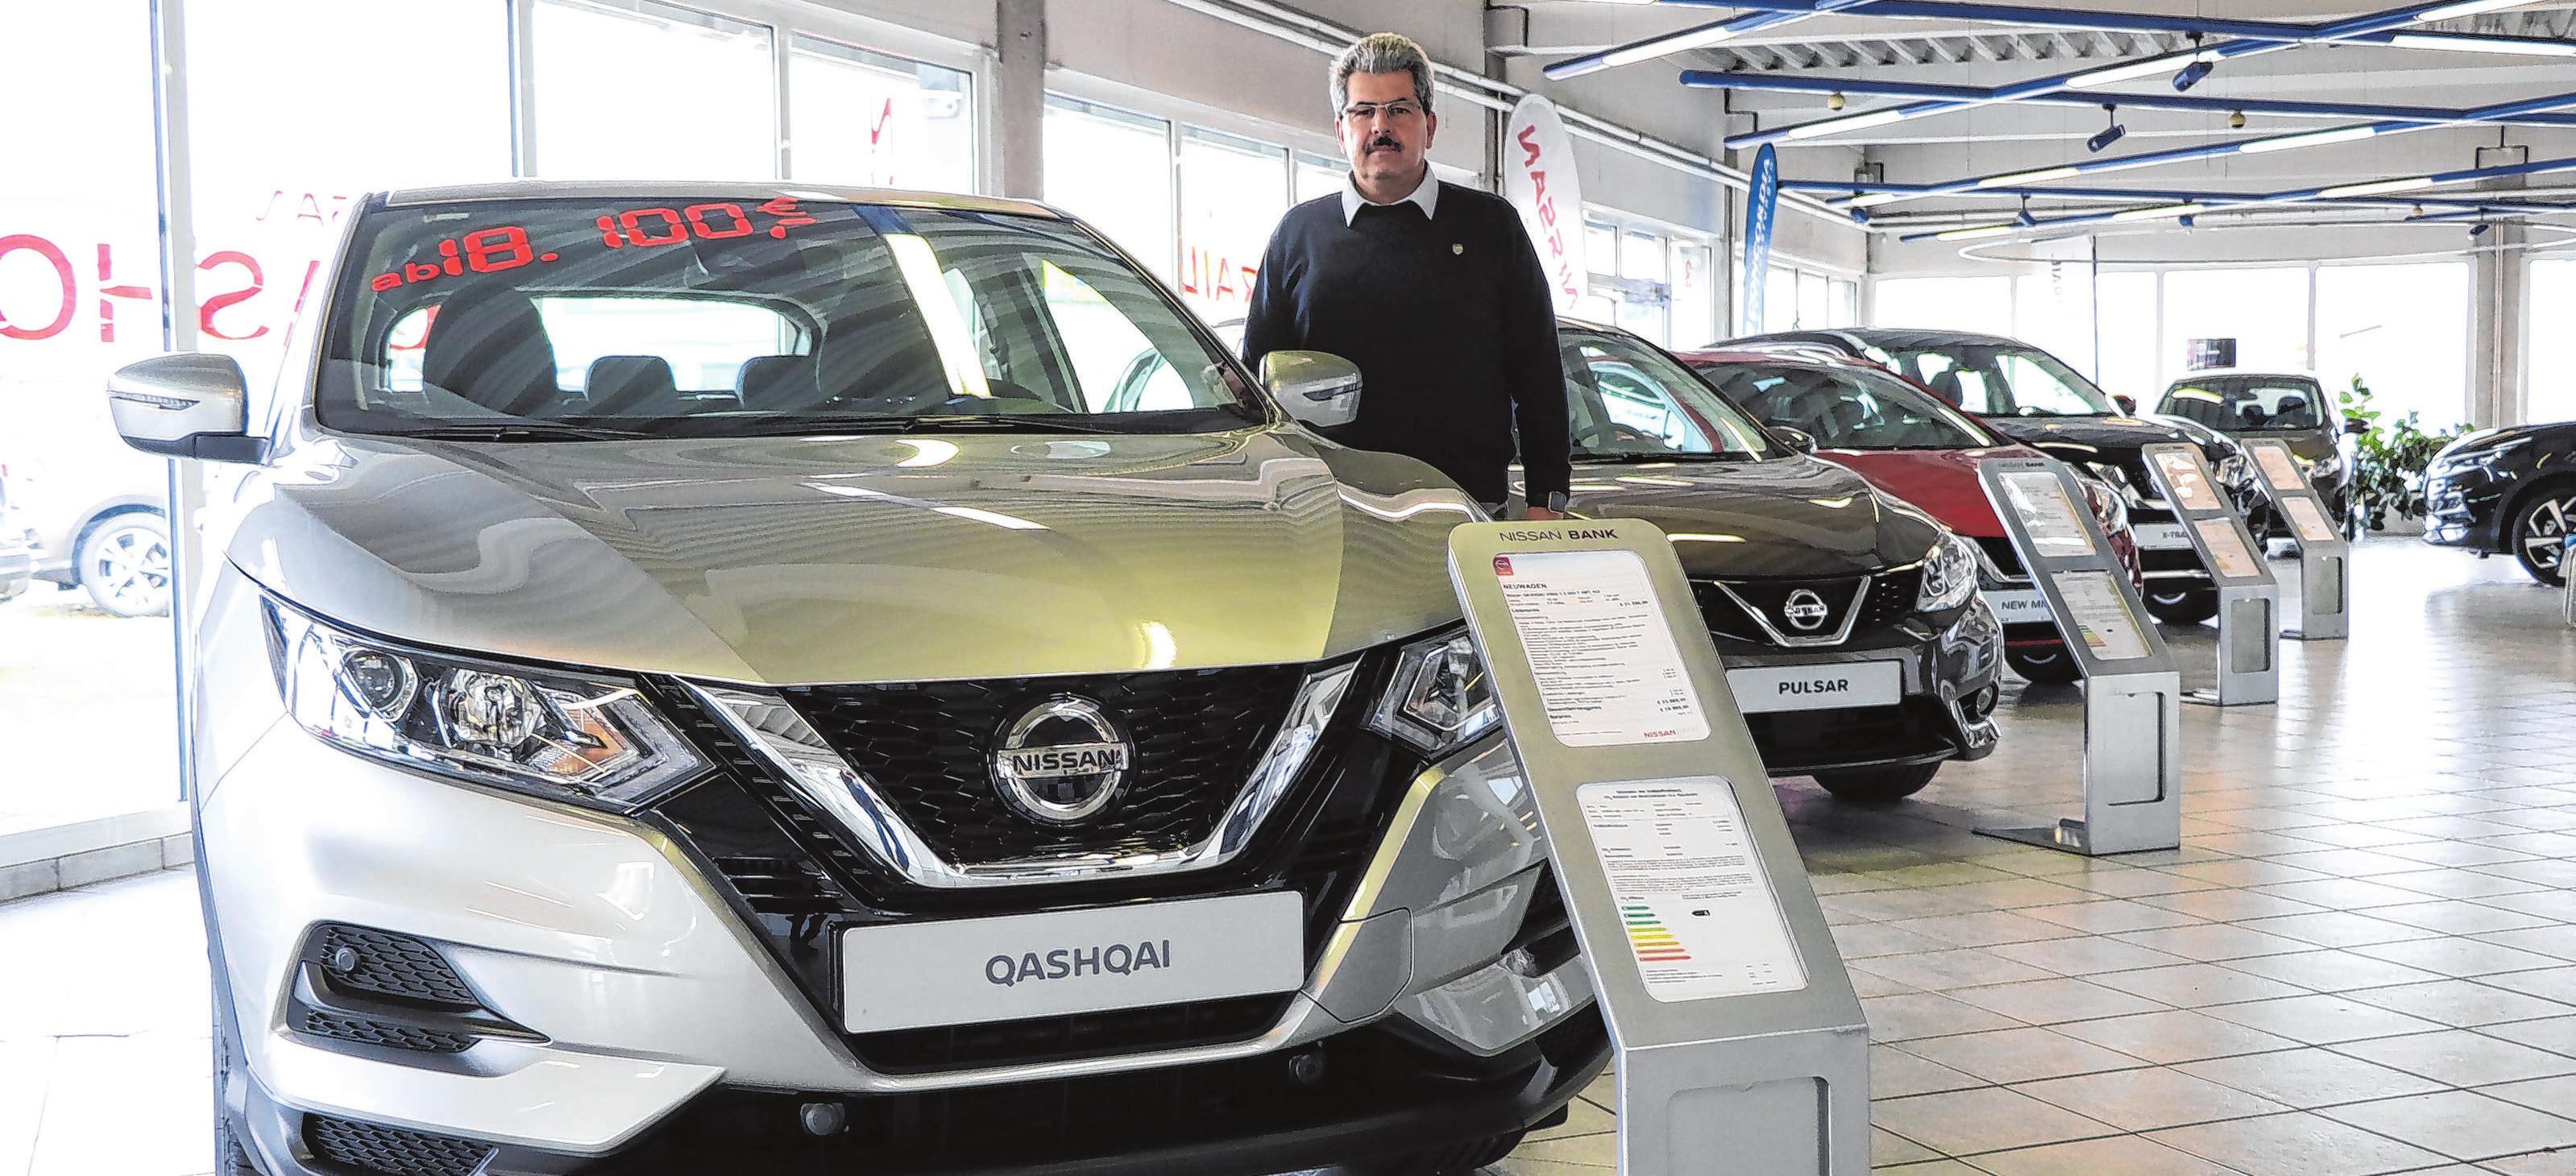 Maik Hronik steht beim Tag der offenen Tür gern Rede und Antwort zu allen Nissan-Neu-, Gebraucht- und Jahreswagen. Foto: Anne Bennewitz